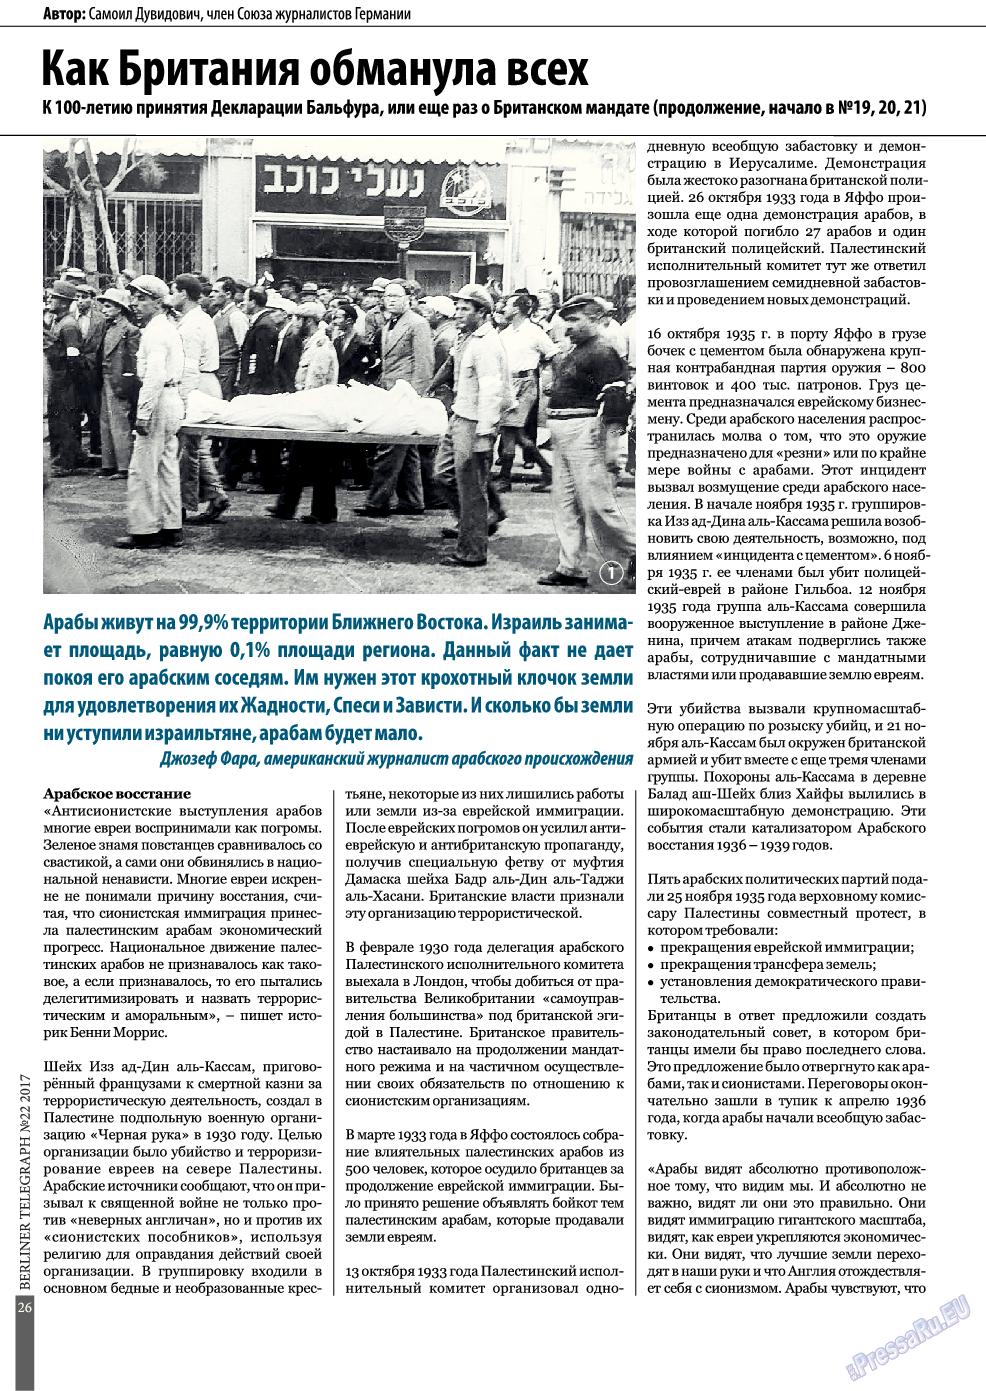 Берлинский телеграф (журнал). 2017 год, номер 22, стр. 26